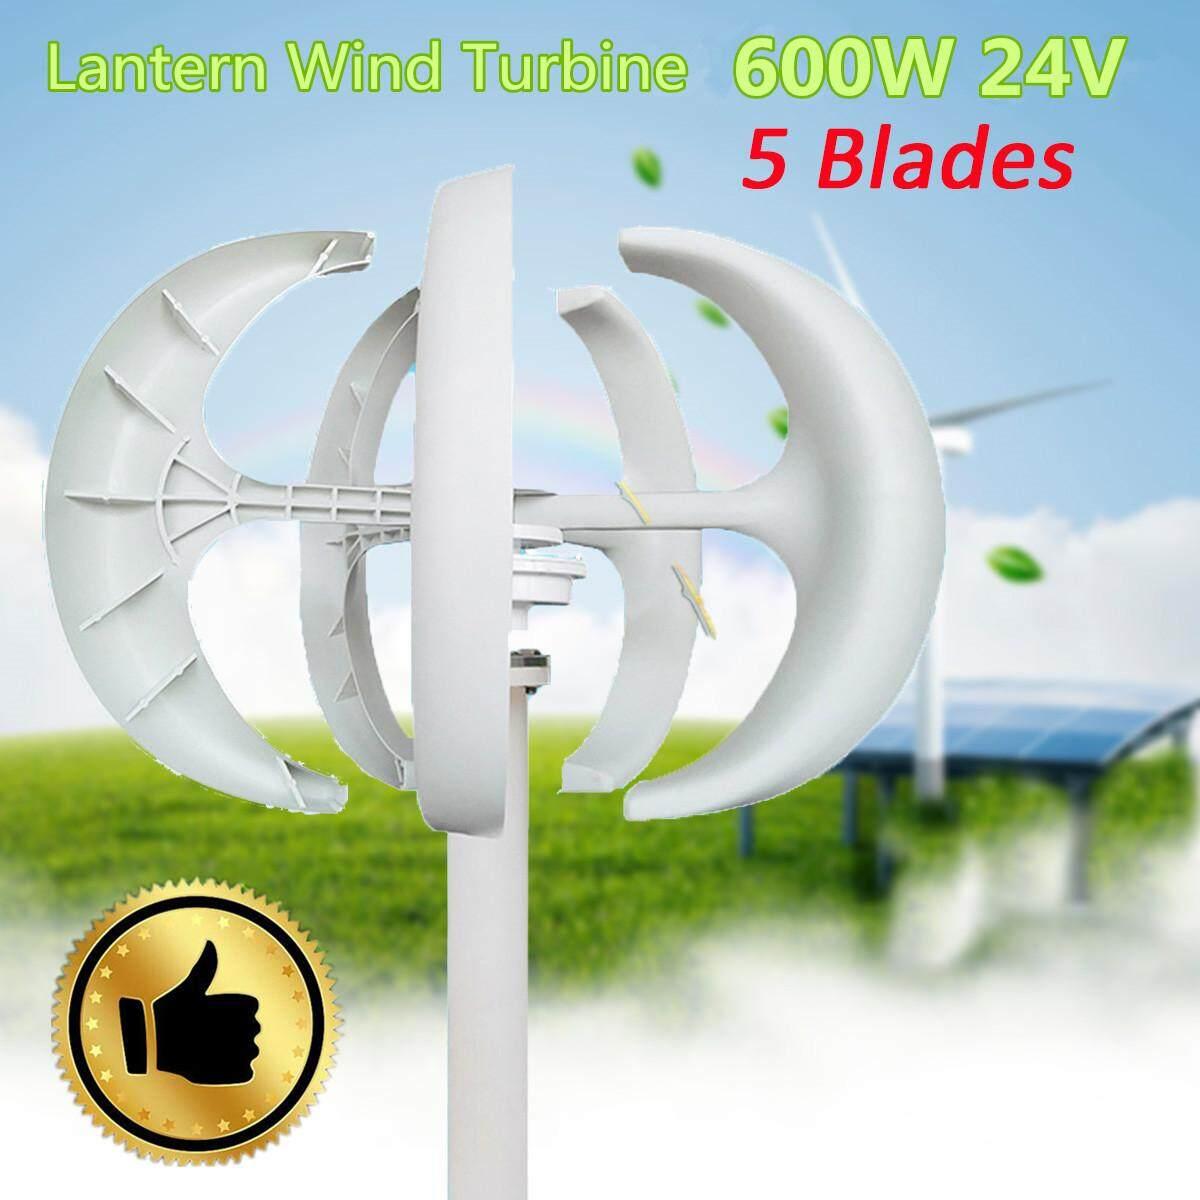 600 Wát 12 V 24 V VAWT 5 Lưỡi Dao Dọc Trục Tuốc Bin Gió Máy Phát Điện Đèn Lồng Loại